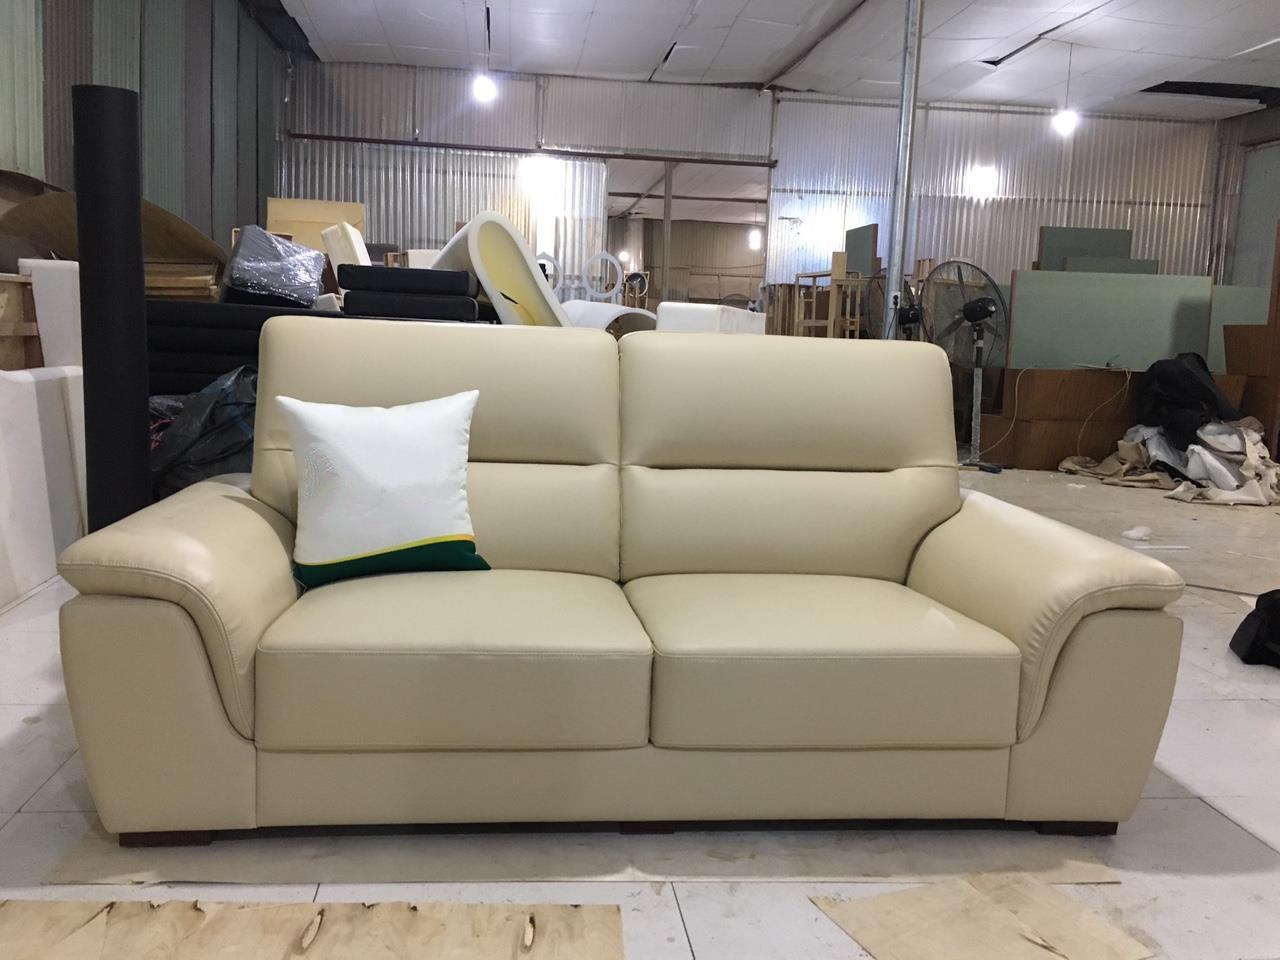 Sofa Băng Cao Cấp 2 Chỗ PK - KA004 - Nội Thất Kiên Anh